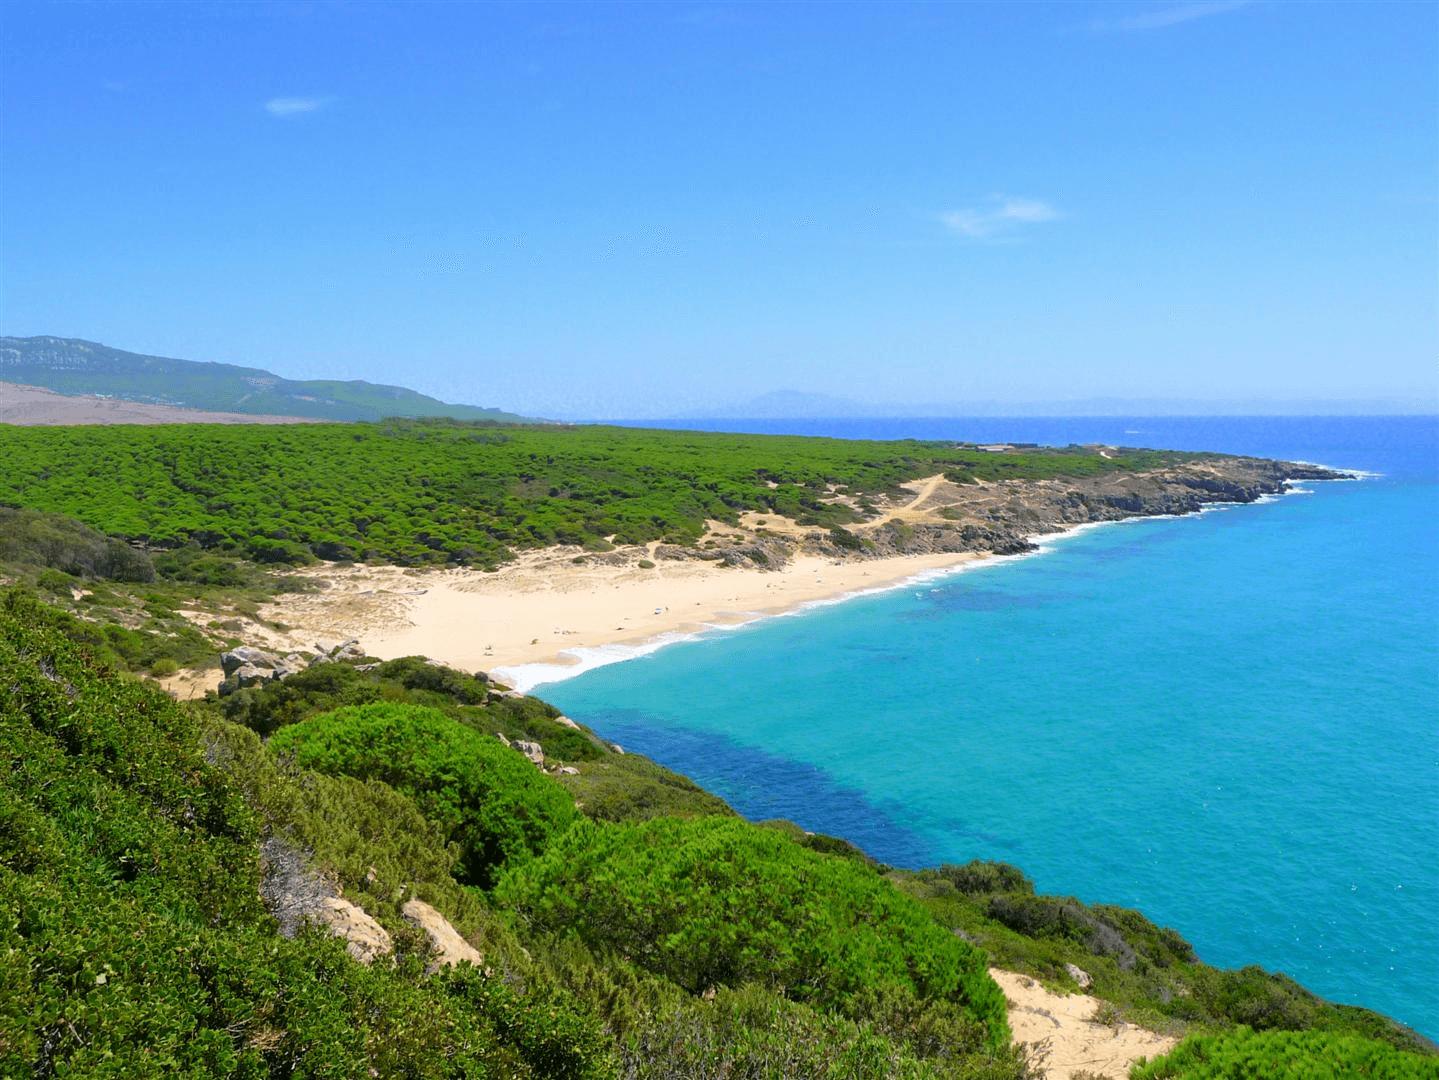 Playa en Tarifa, Cádiz